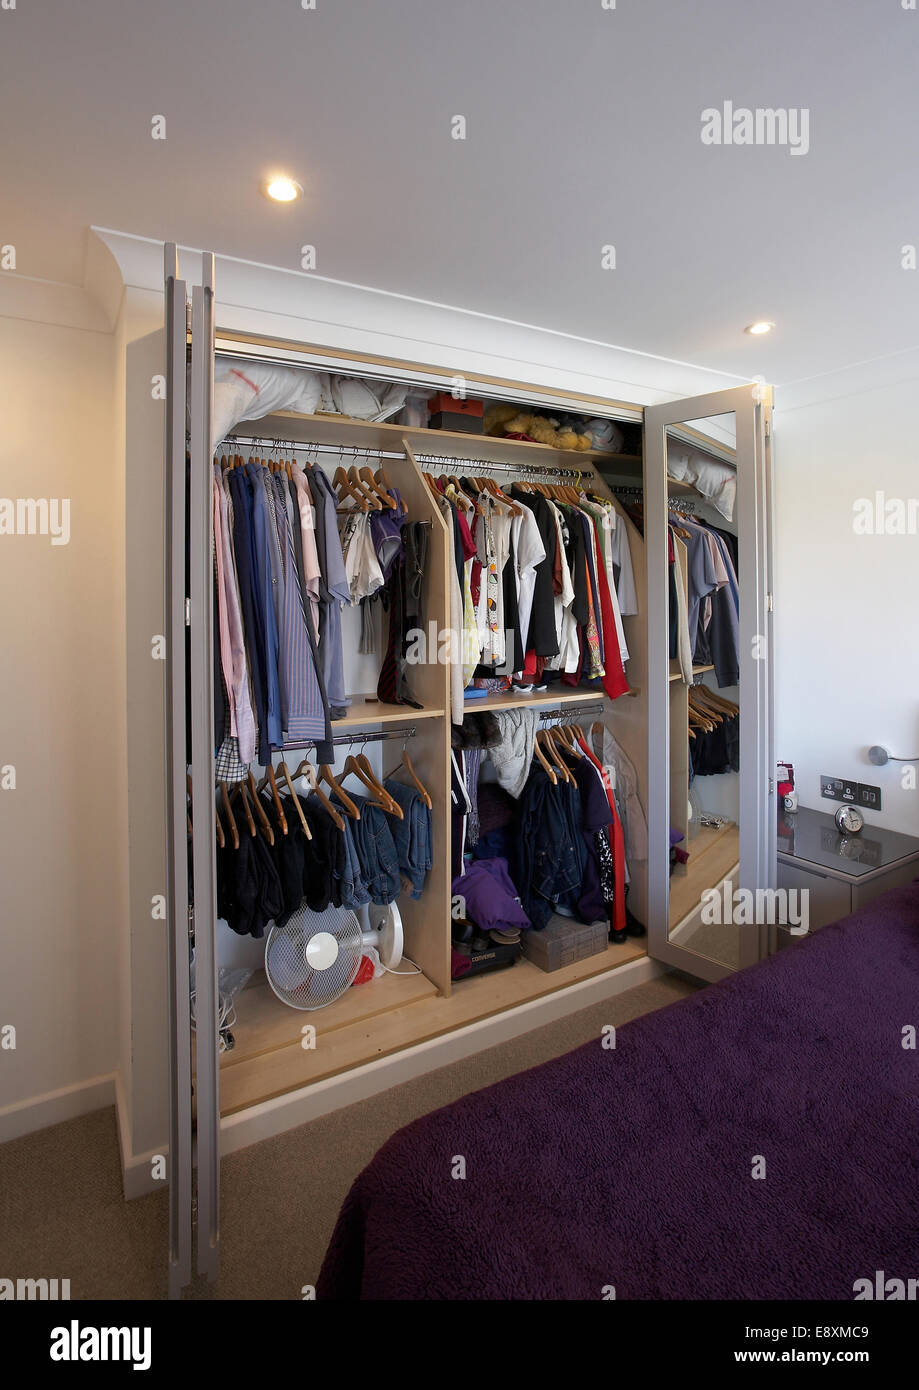 Ein Offener Kleiderschrank Im Schlafzimmer In Einem Haus Im